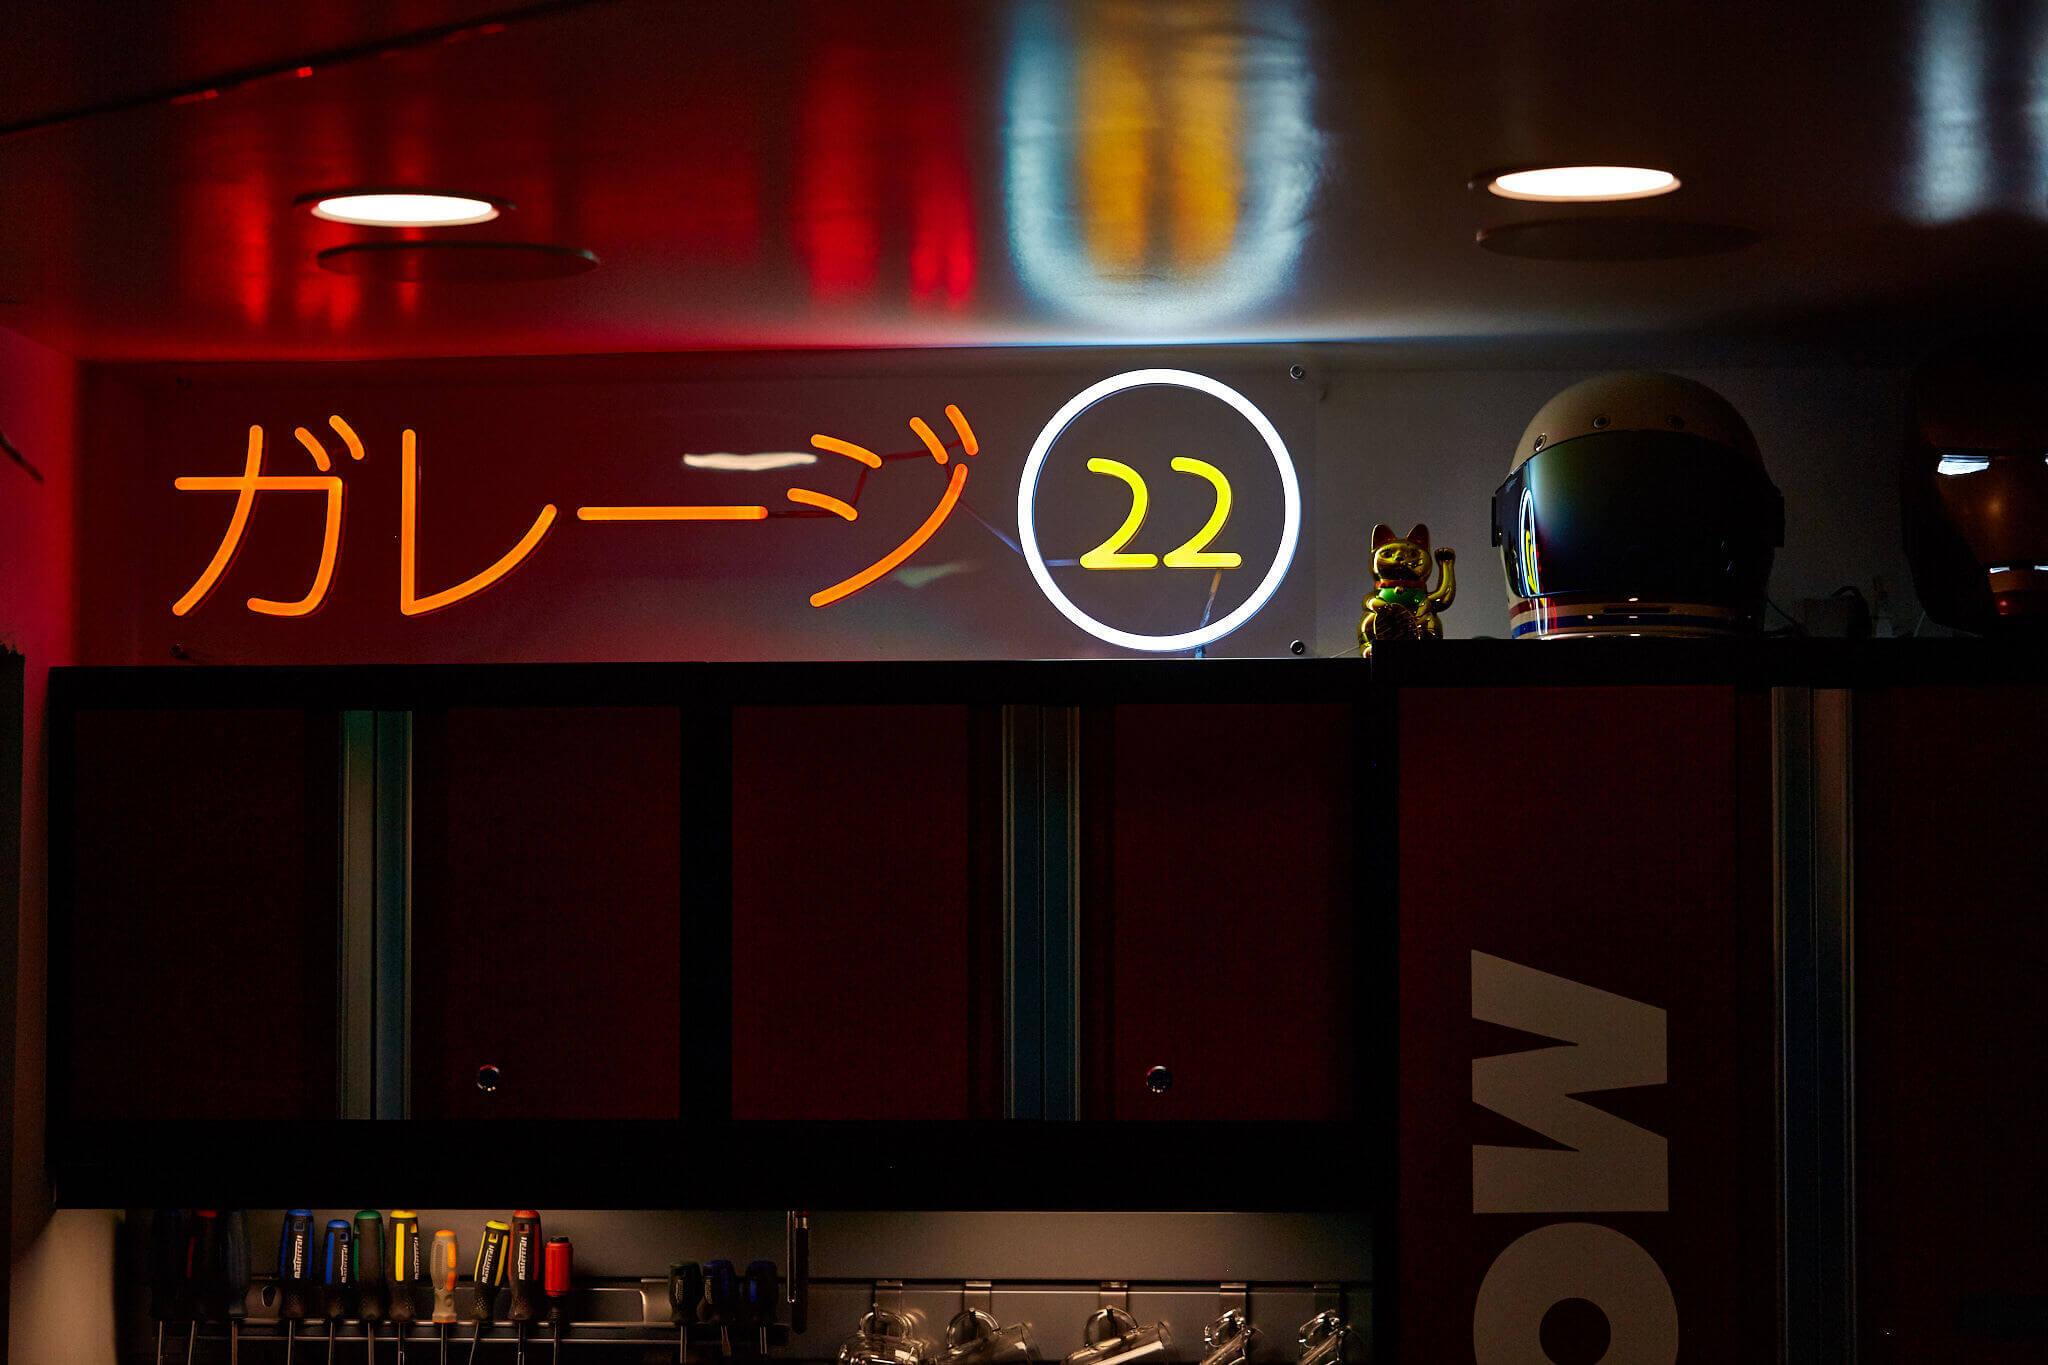 ガレーヅ 22 Japanese Garage Neon Sign